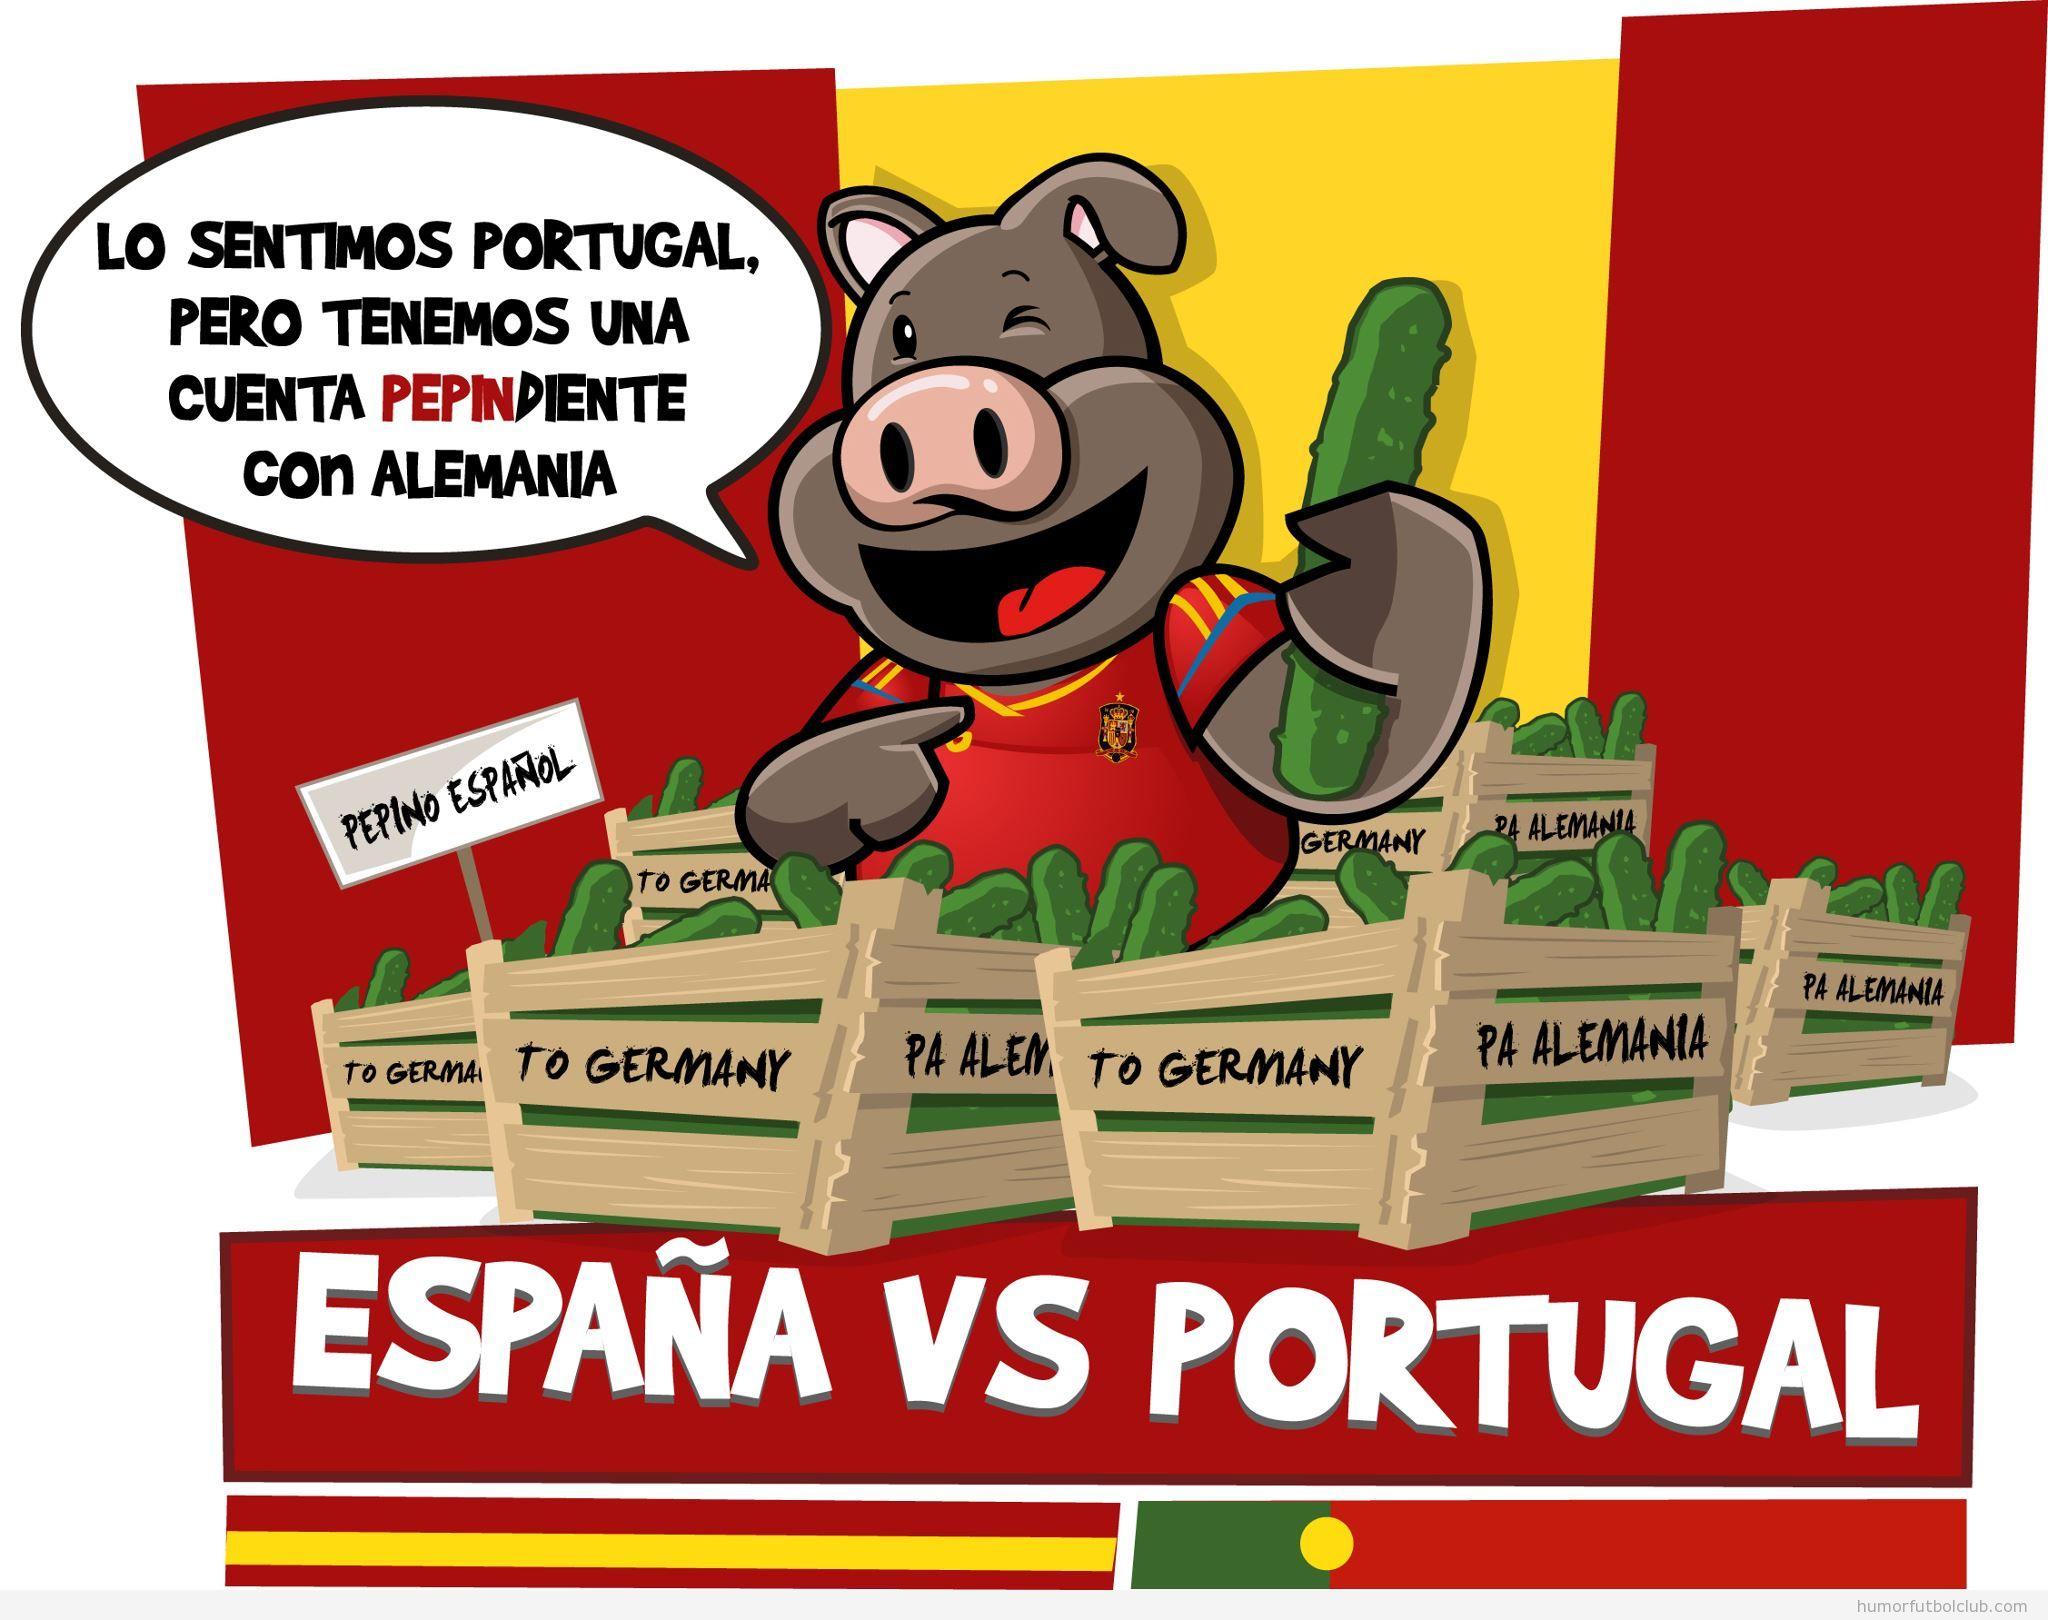 Viñeta graciosa, los sentimos, Portugal, pero tenemos la cuenta de los pepinos pendiente con Alemania